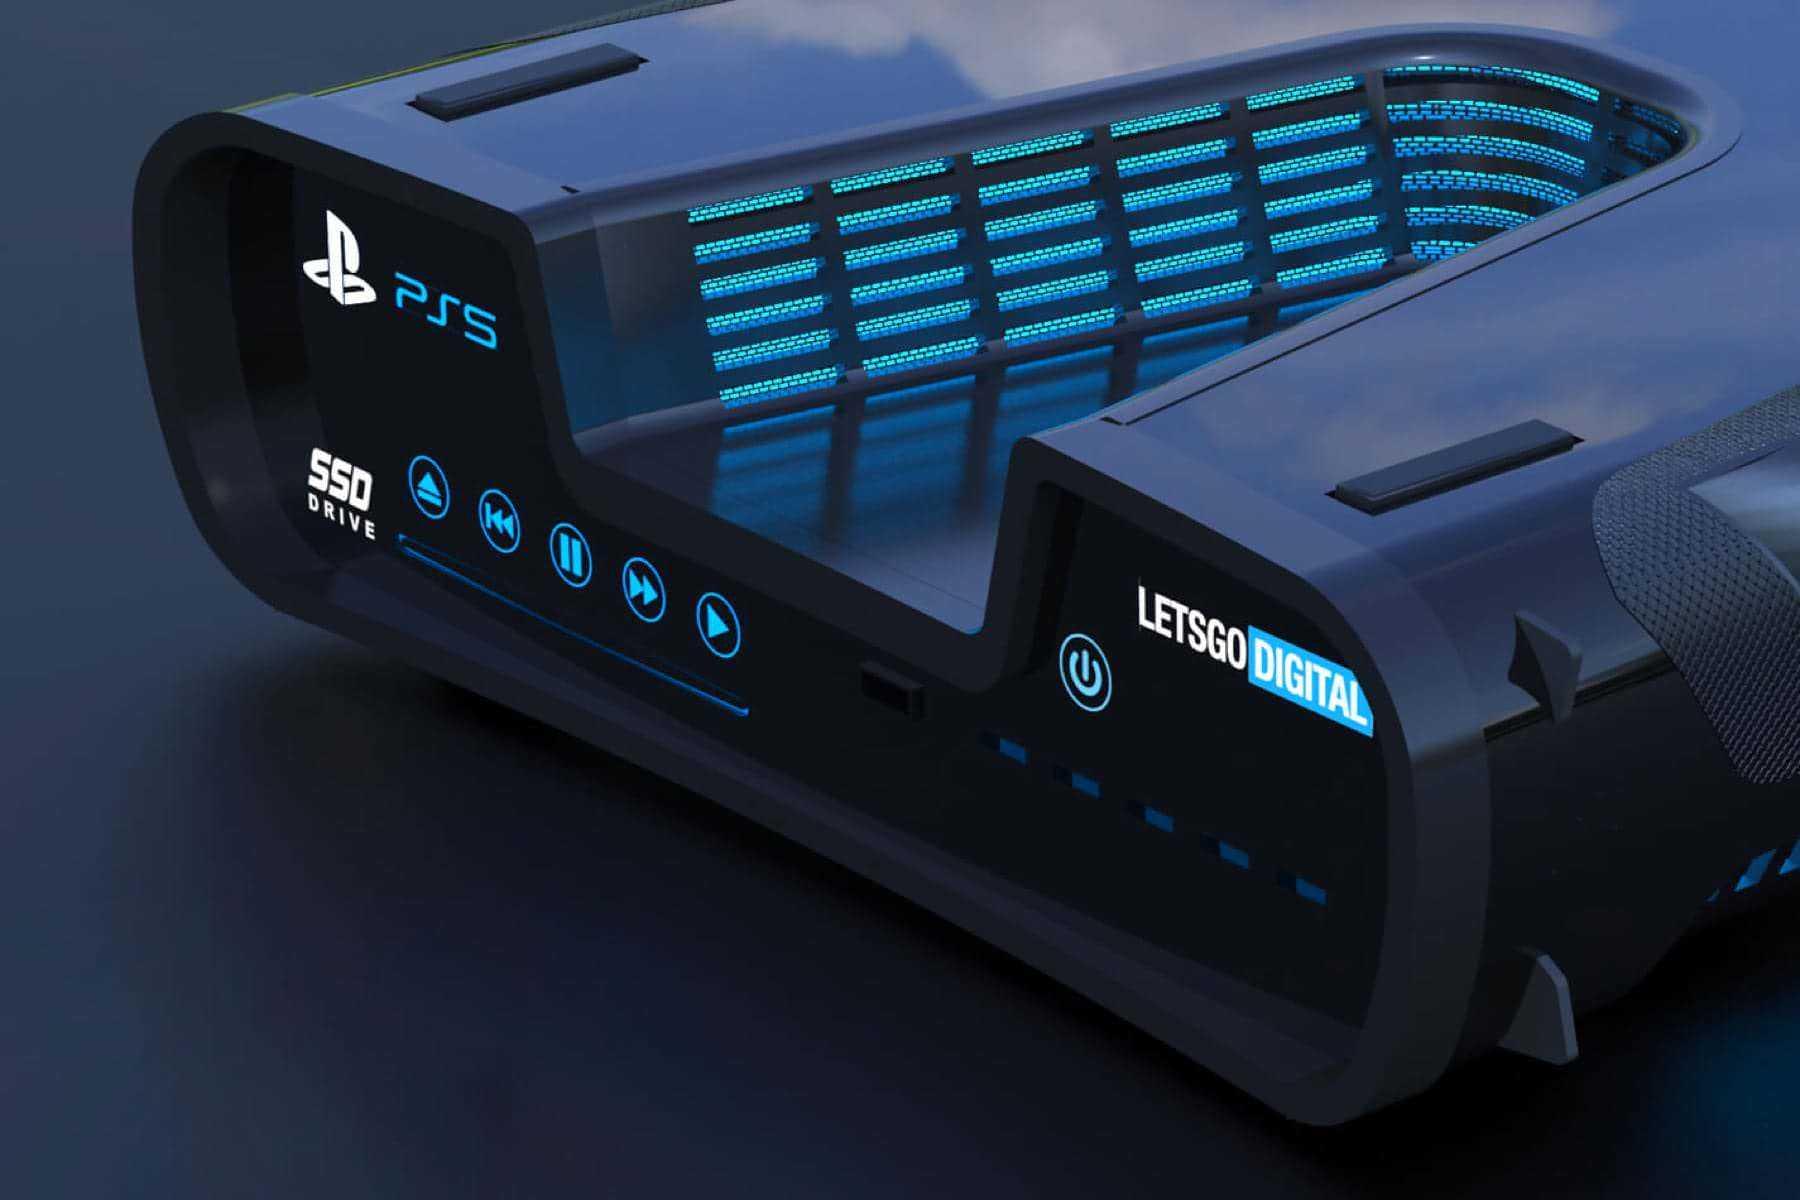 Распаковка ps5 и первые впечатления: дизайн, контроллер и геймплей astro's playroom | playstation 5